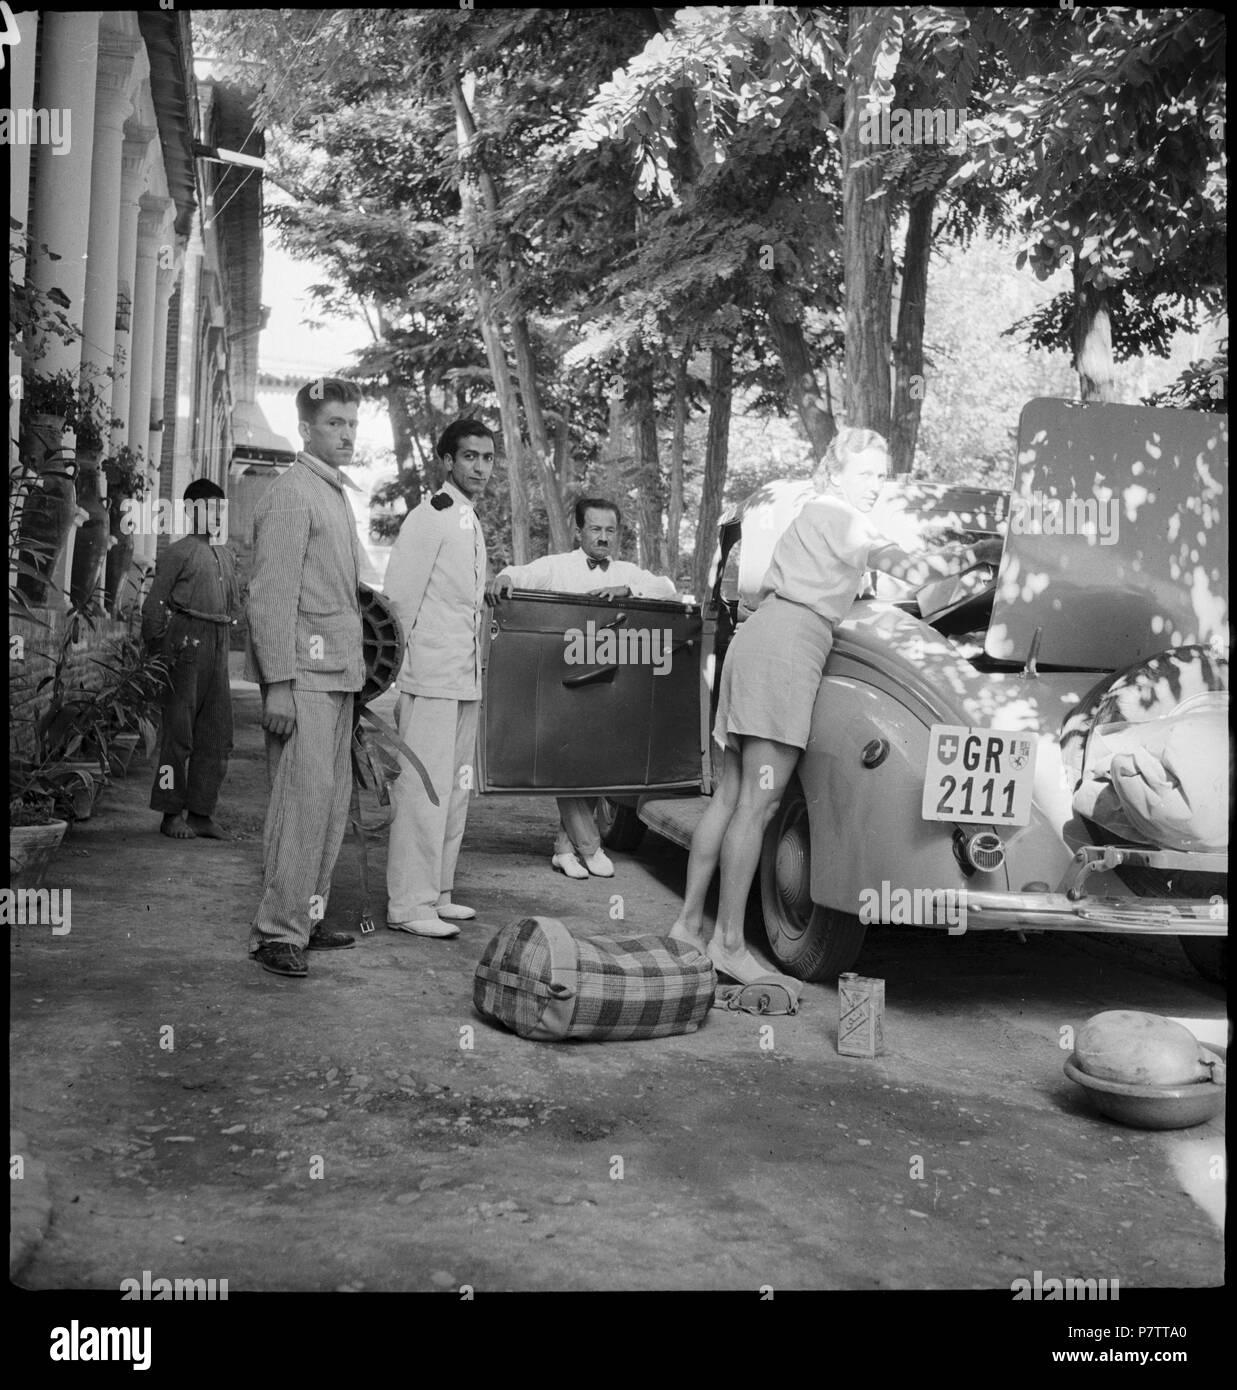 Iran, Meshed (Mashhad): Britisches Konsulat; Ella Maillart beim Beladen des Autos. from 1939 until 1940 73 CH-NB - Iran, Meshed (Mashhad)- Britisches Konsulat - Annemarie Schwarzenbach - SLA-Schwarzenbach-A-5-19-116 - Stock Image